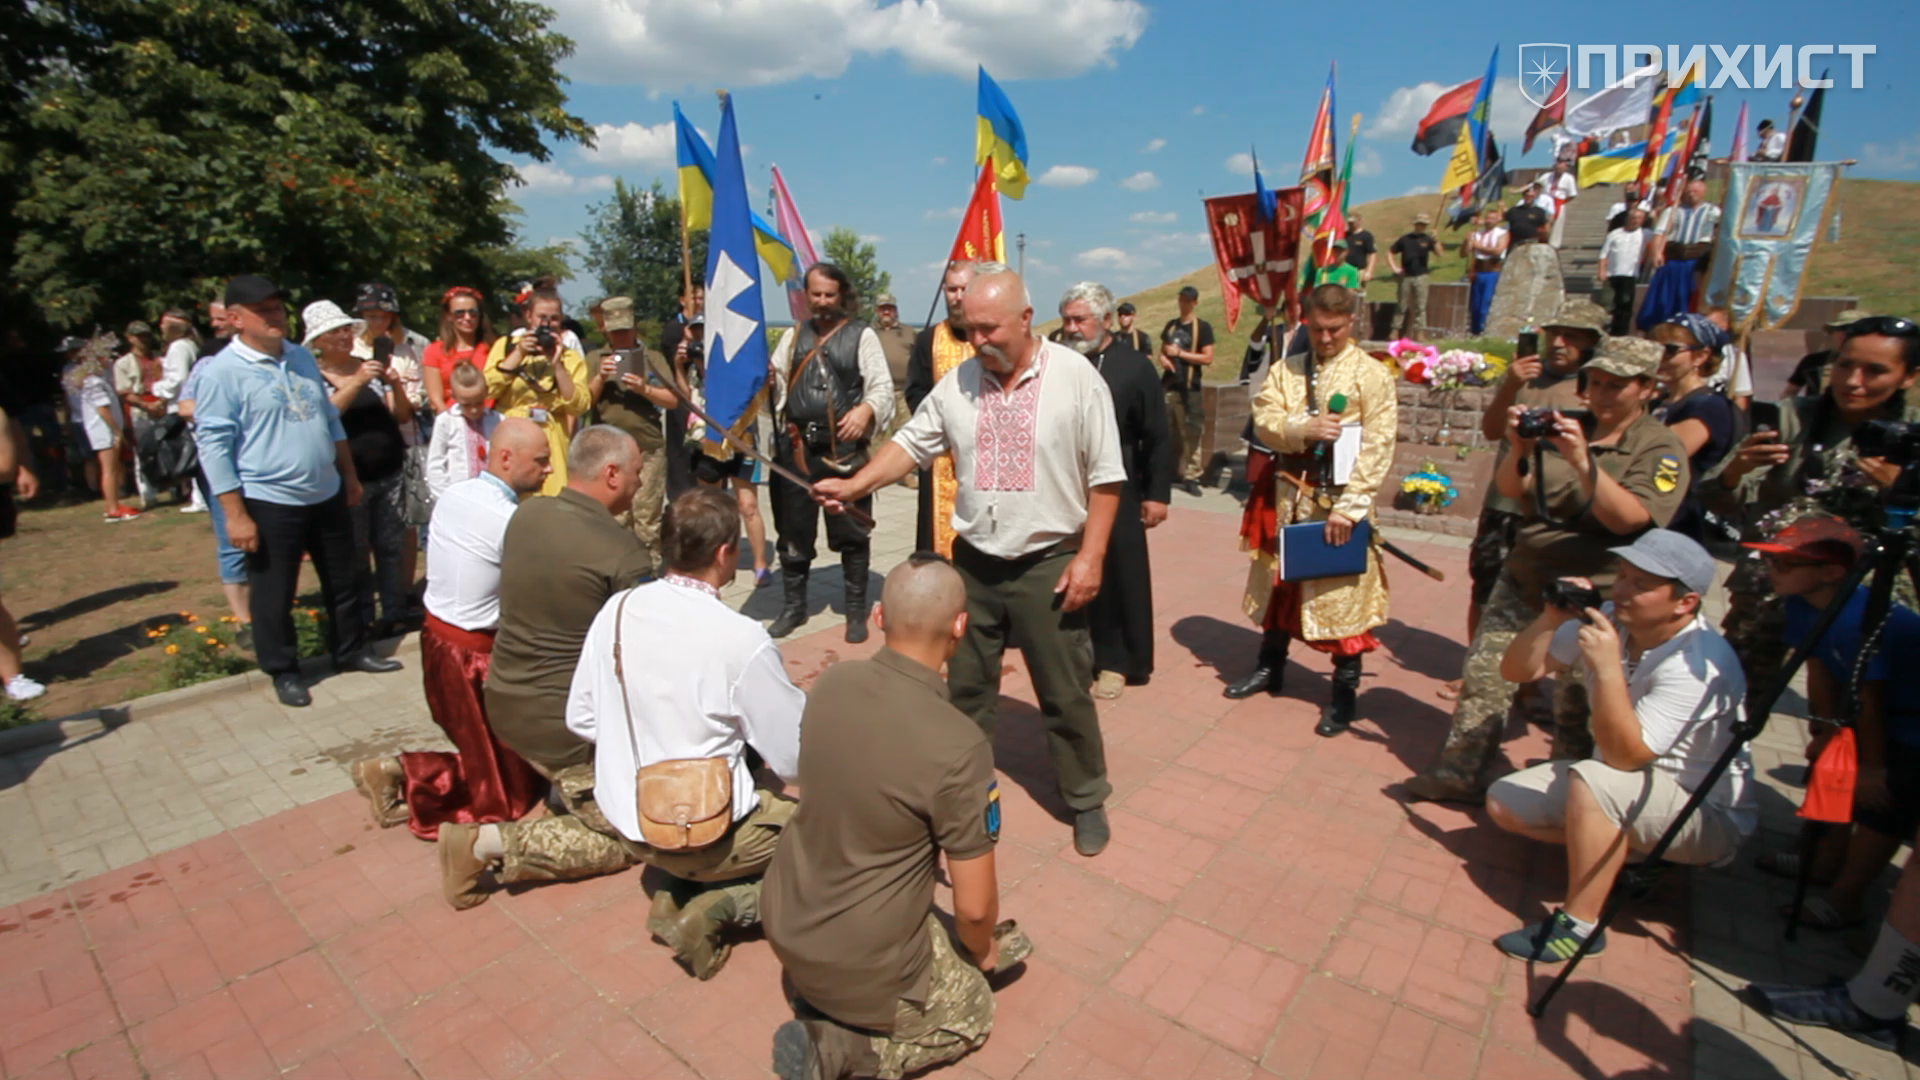 В Нікополі пройшов етнофестиваль на честь Івана Сірка | Прихист